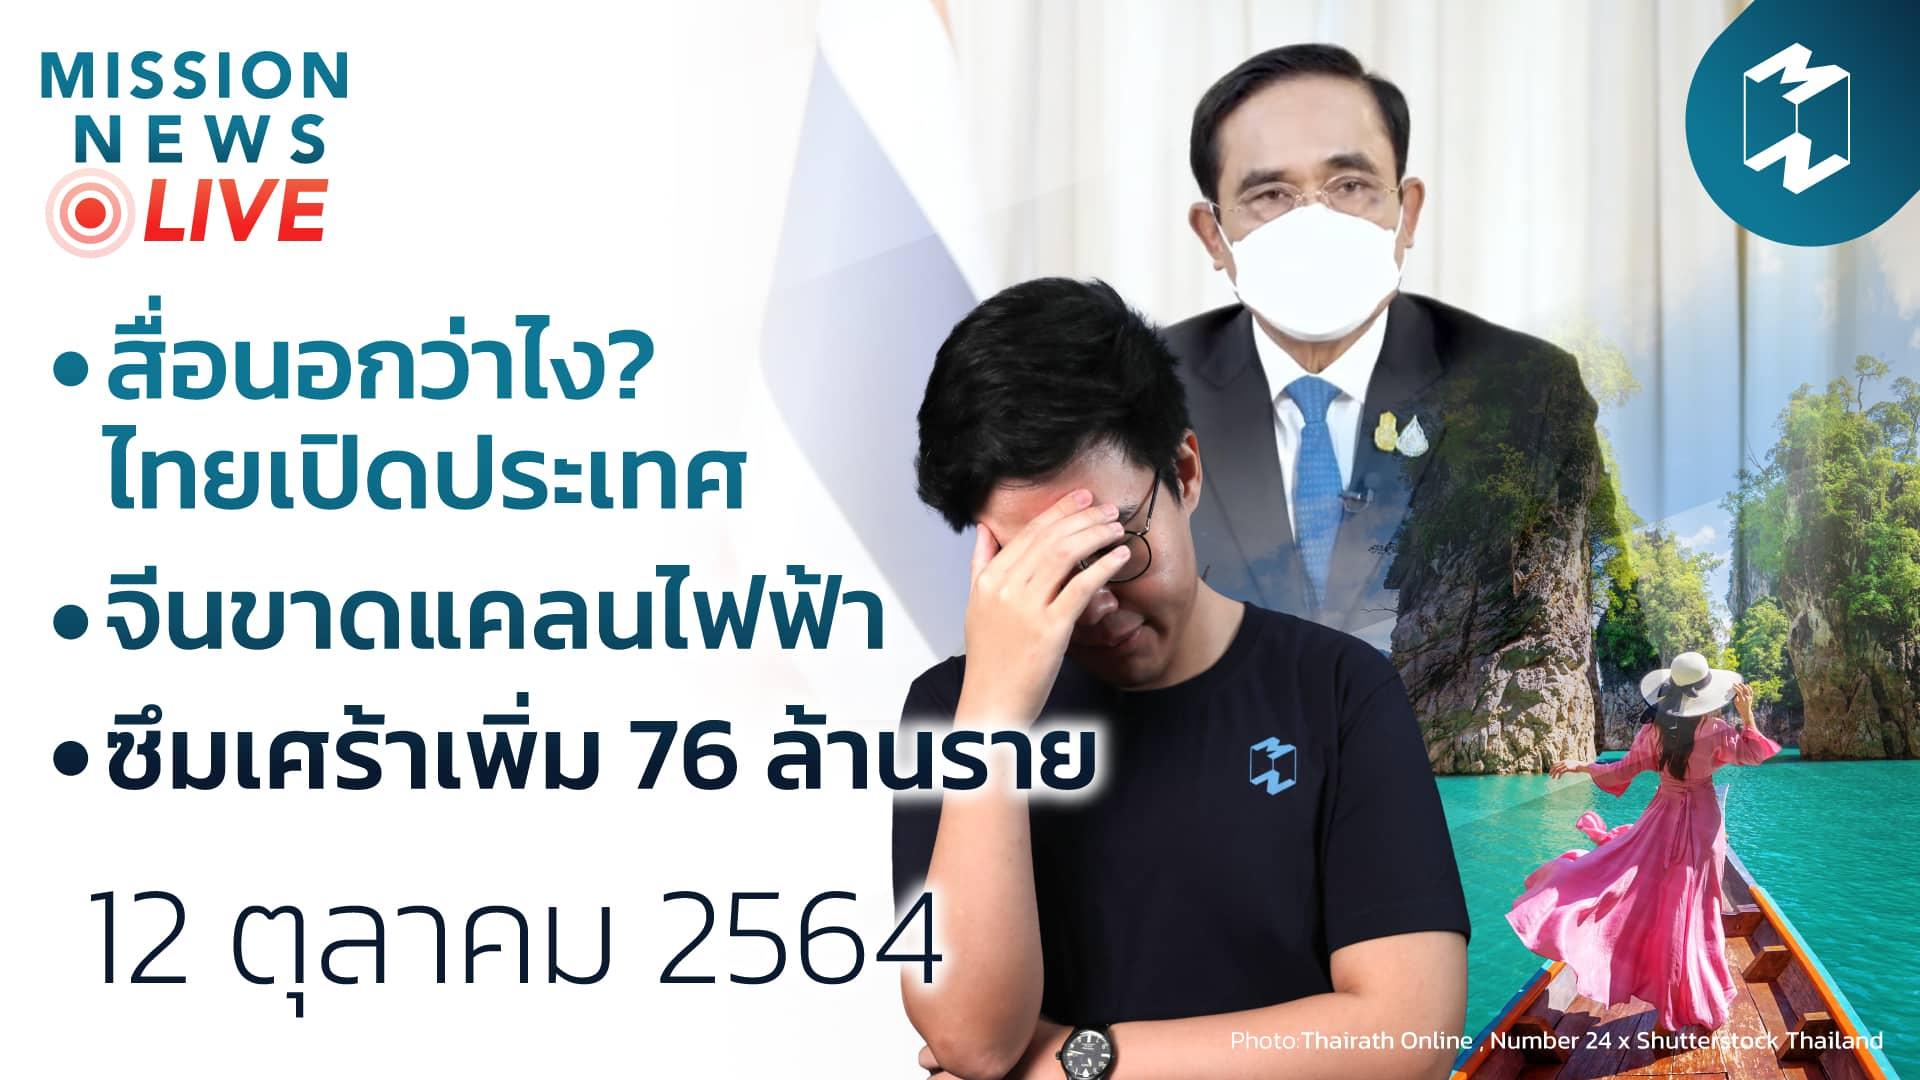 สื่อต่างประเทศคิดอย่างไร เมื่อไทยประกาศเปิดประเทศ? | Mission News LIVE! 12 ต.ค. 21